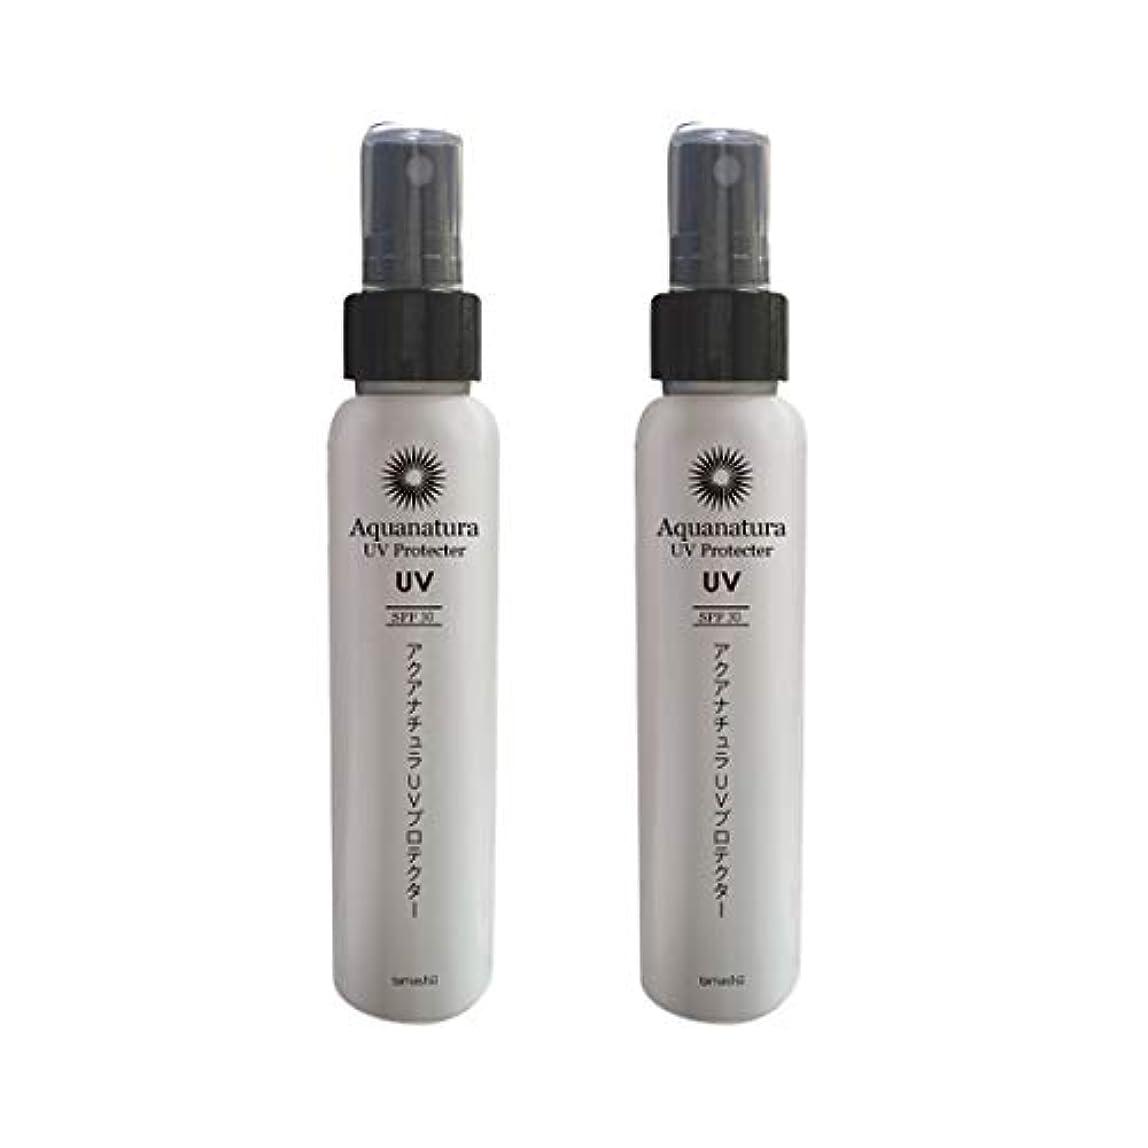 アクアナチュラUVプロテクター無香料 2本セット(SPF30 PA+++) ノンケミカル無添加UV日焼け止めスプレー 酸化セリウム使用 赤ちゃん?男性にもおすすめノンケミカルUV日焼け止め